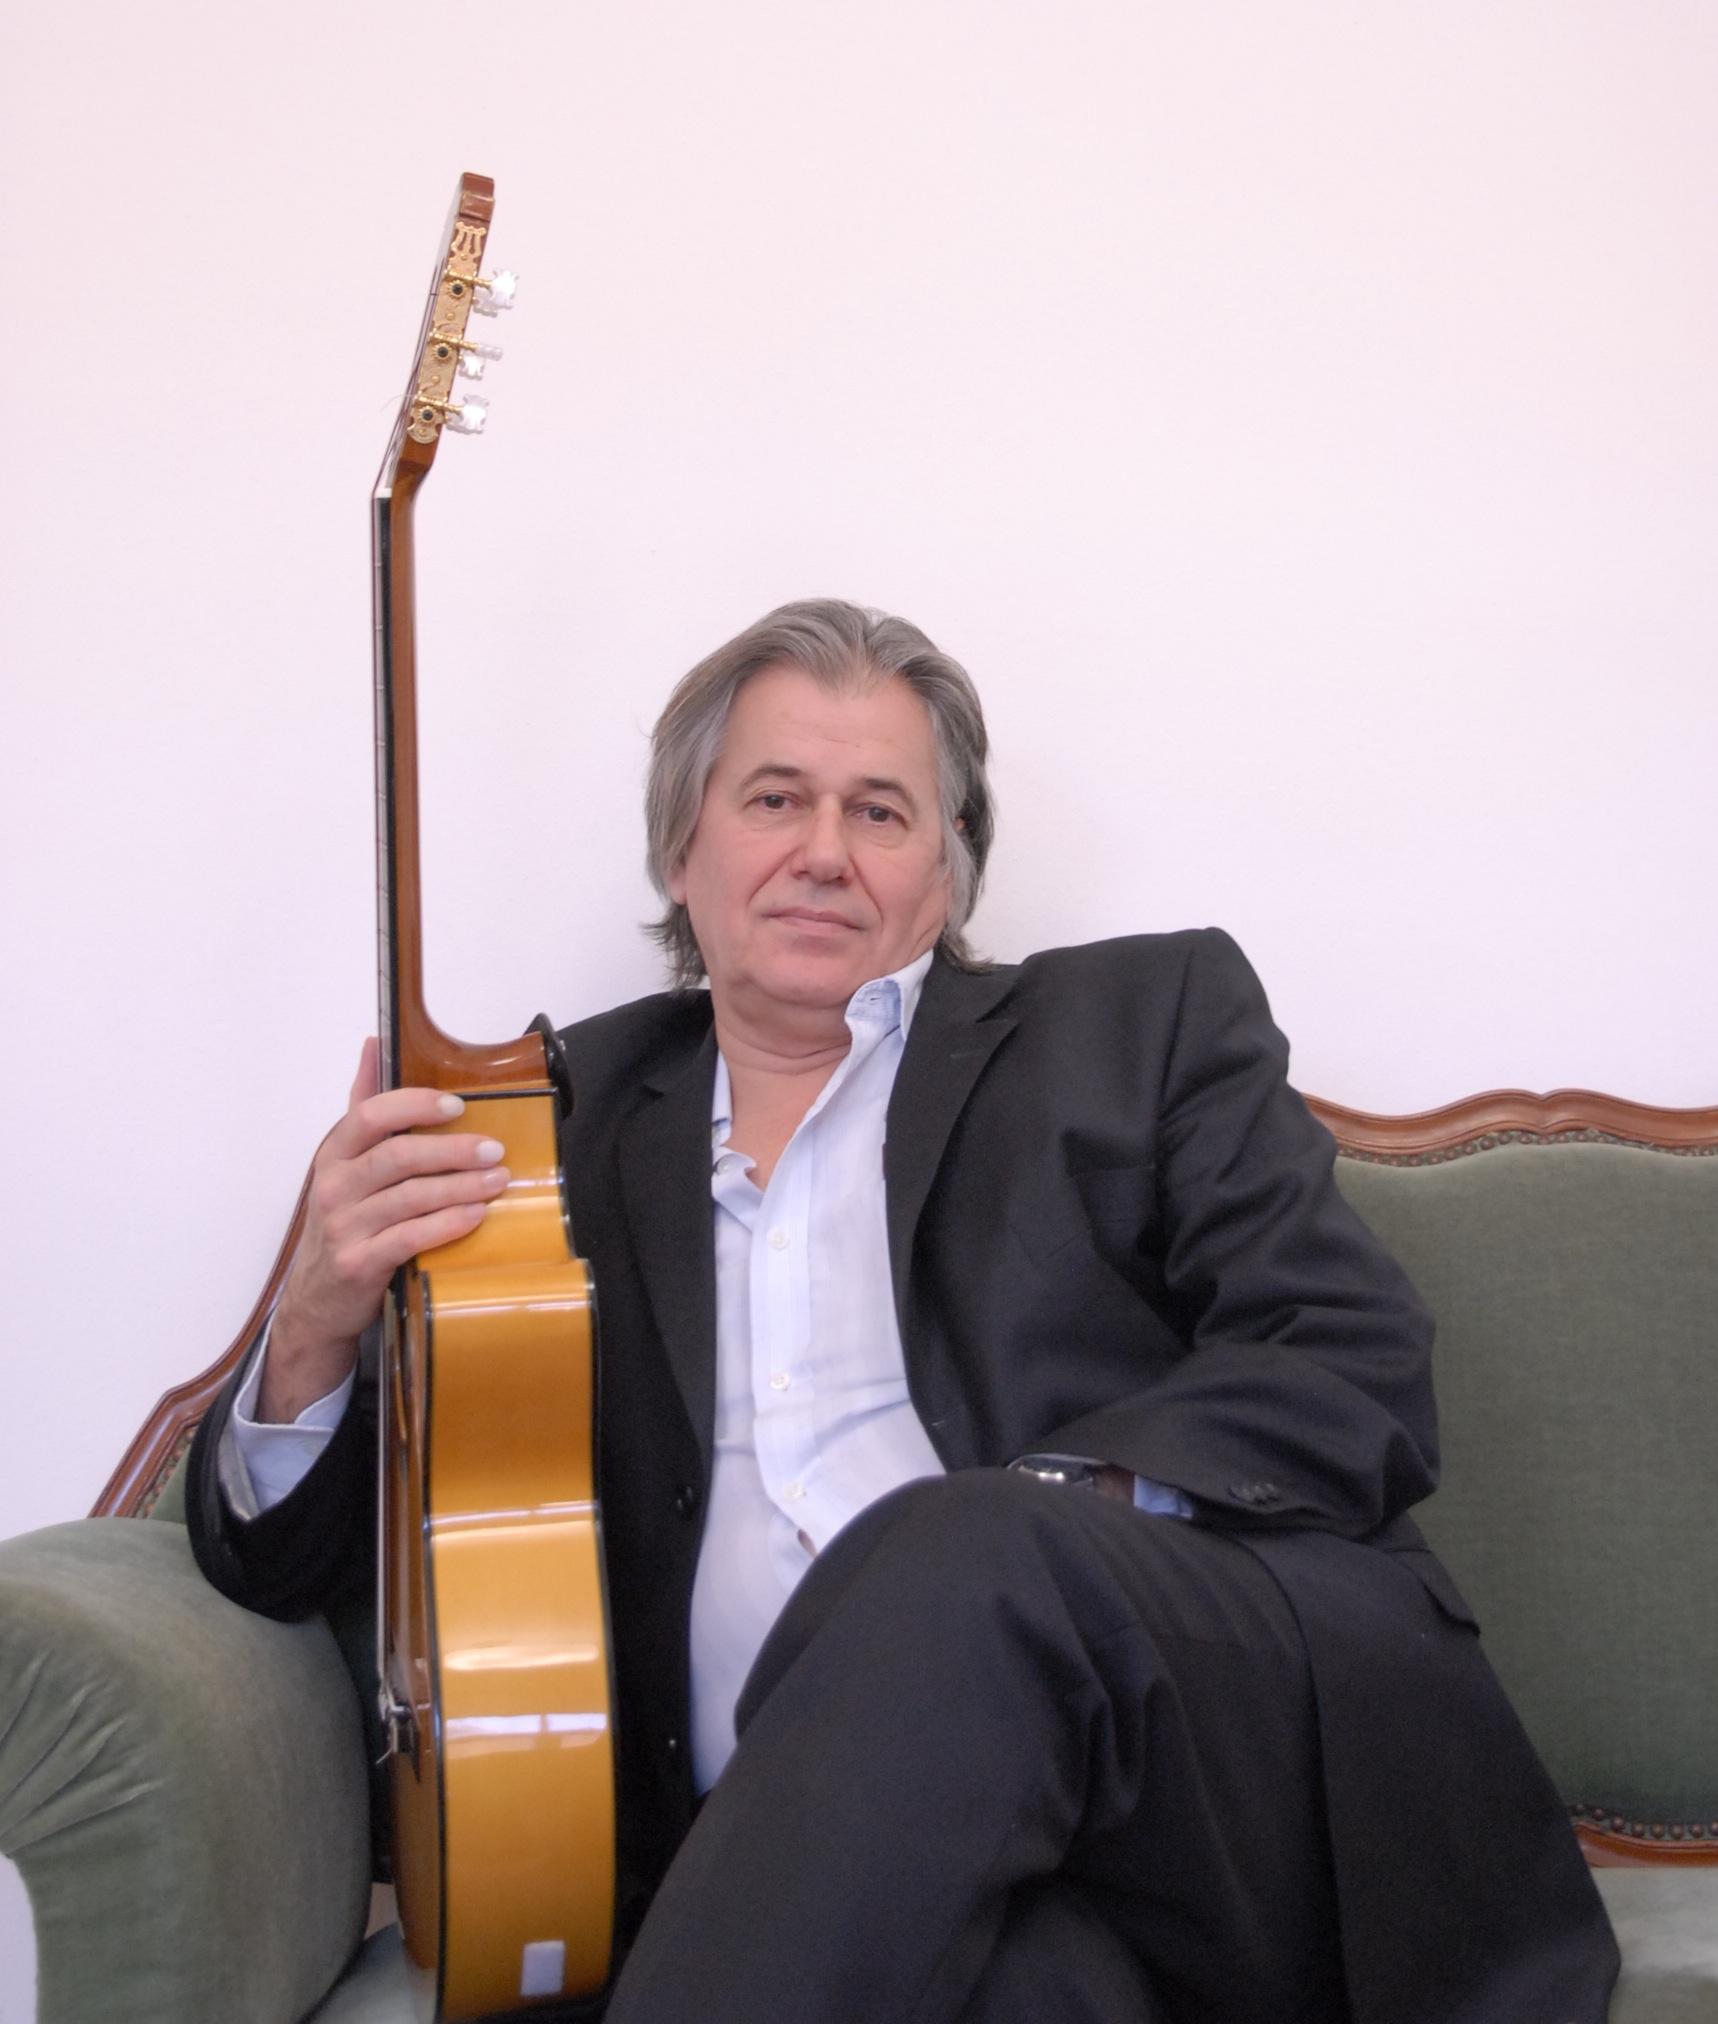 Markus Plattner